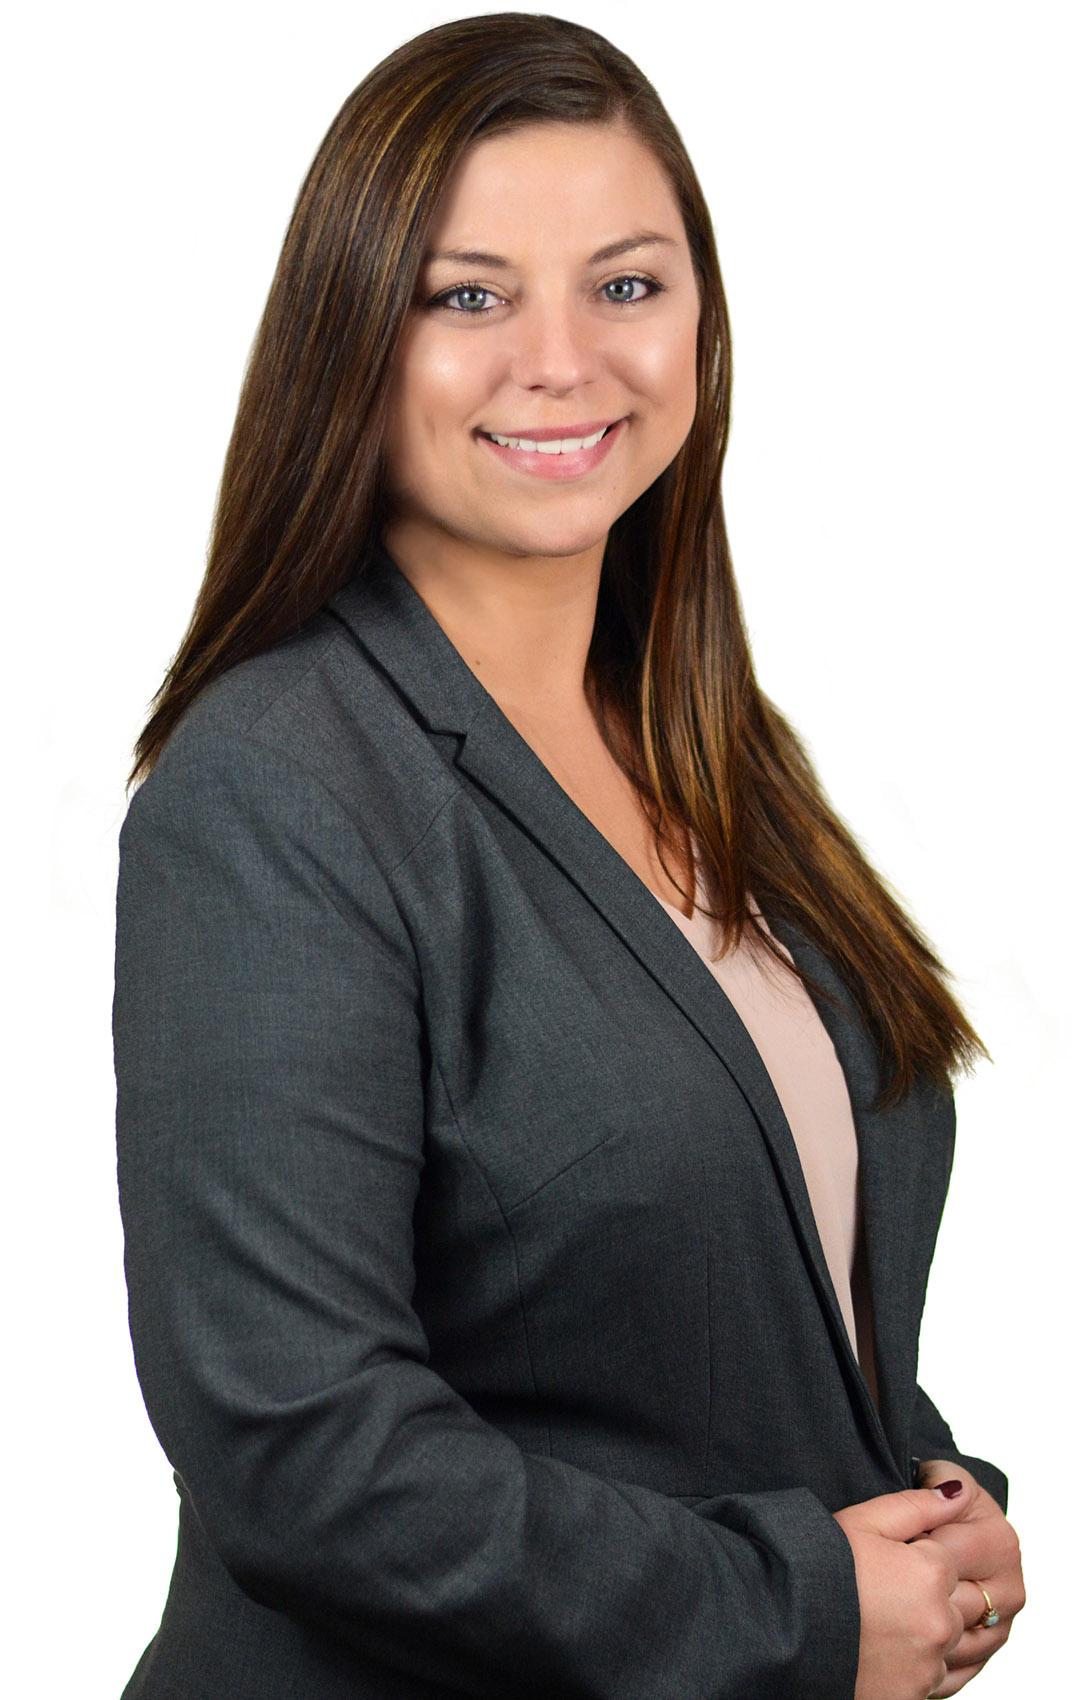 Megan Ware-Fitzgerald